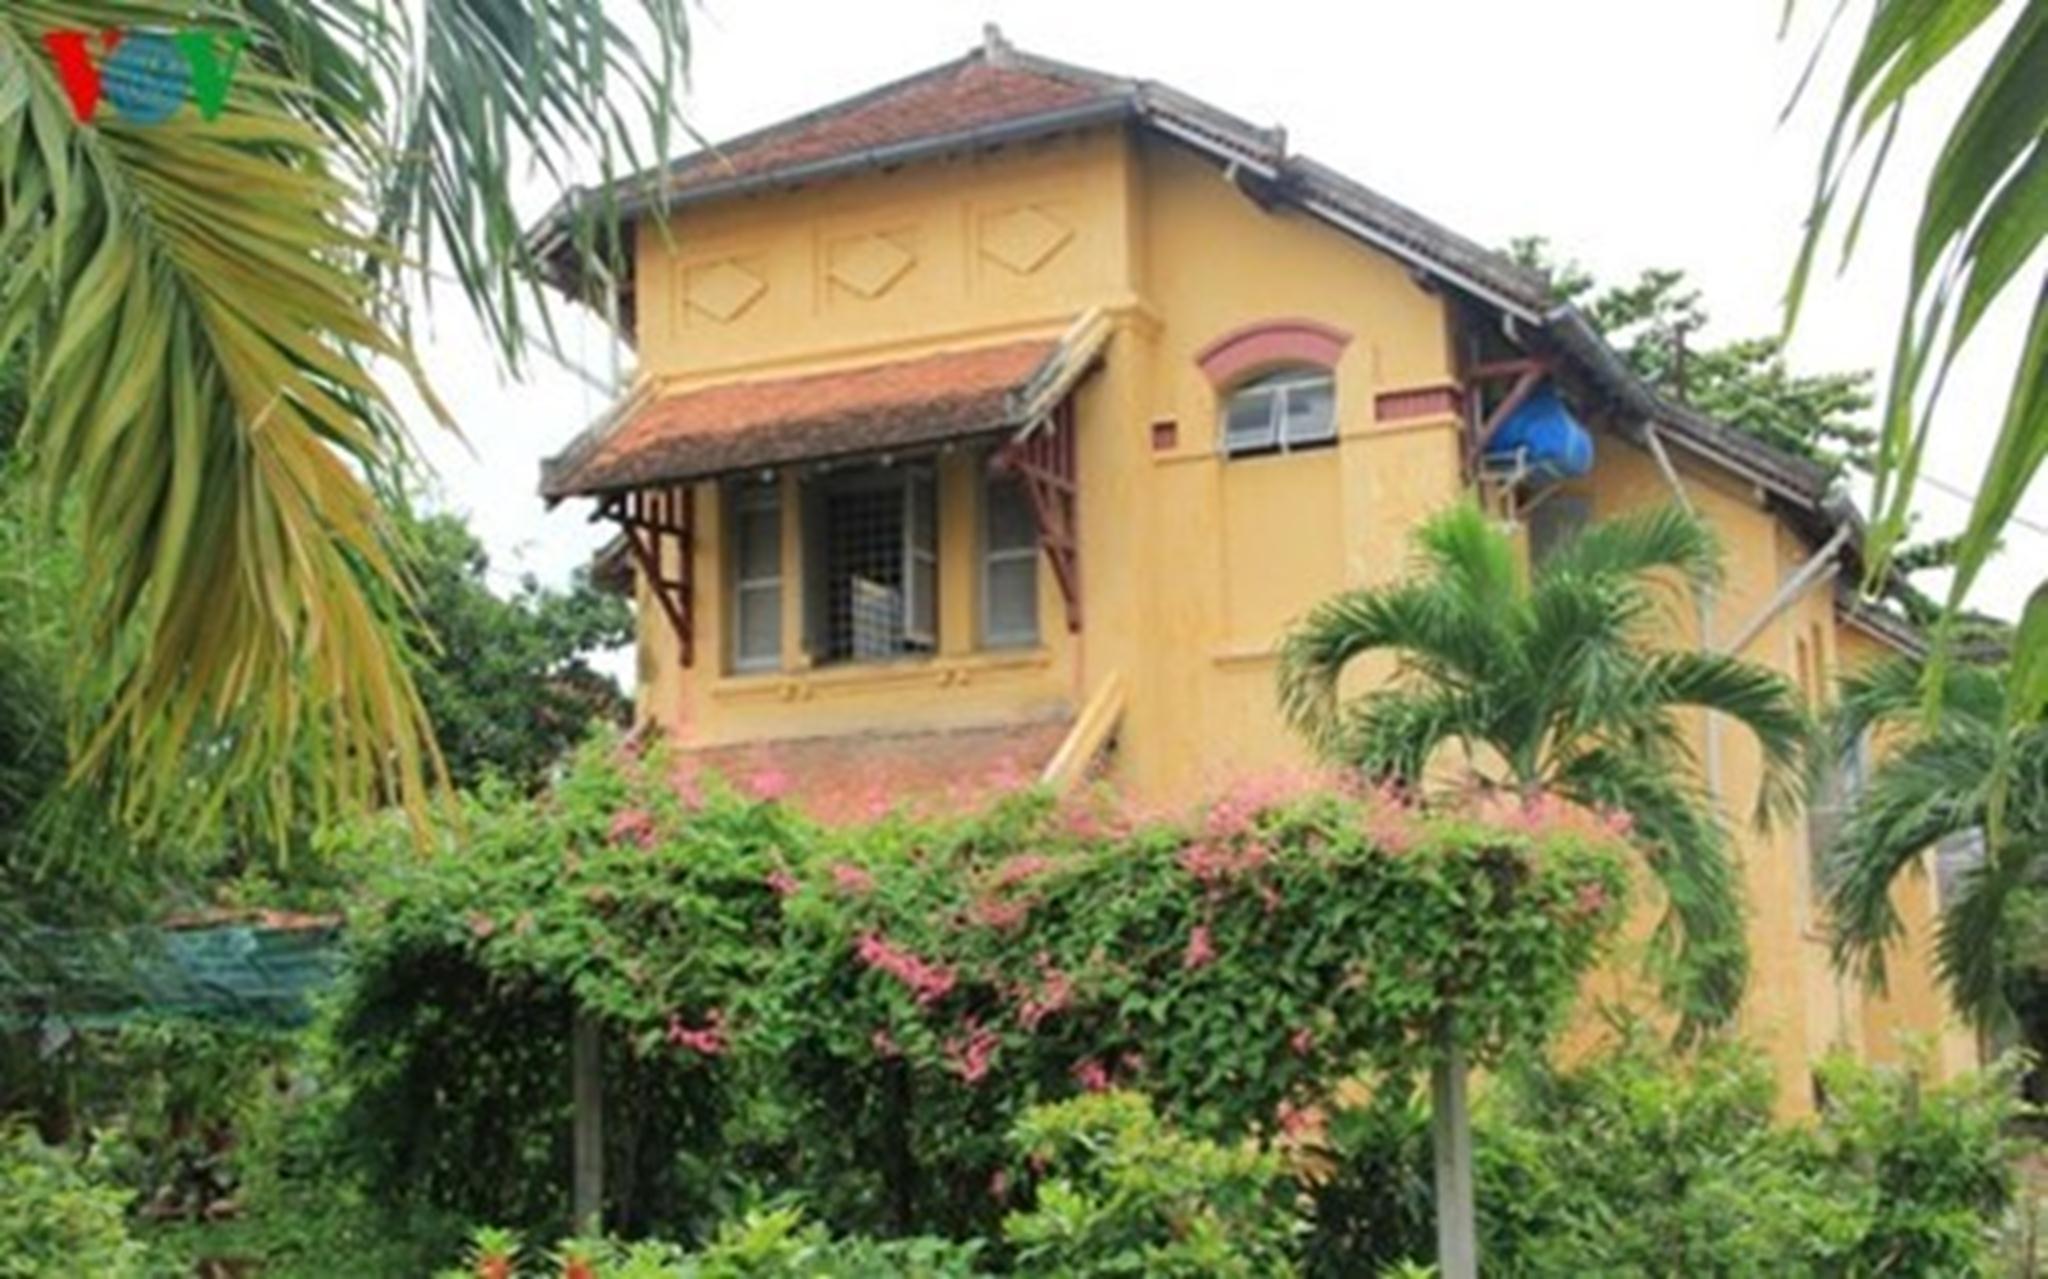 Mộ góc của trường THPT Châu Văn Liêm gần 100 năm tuổi. Ảnh: Thanh Tùng.